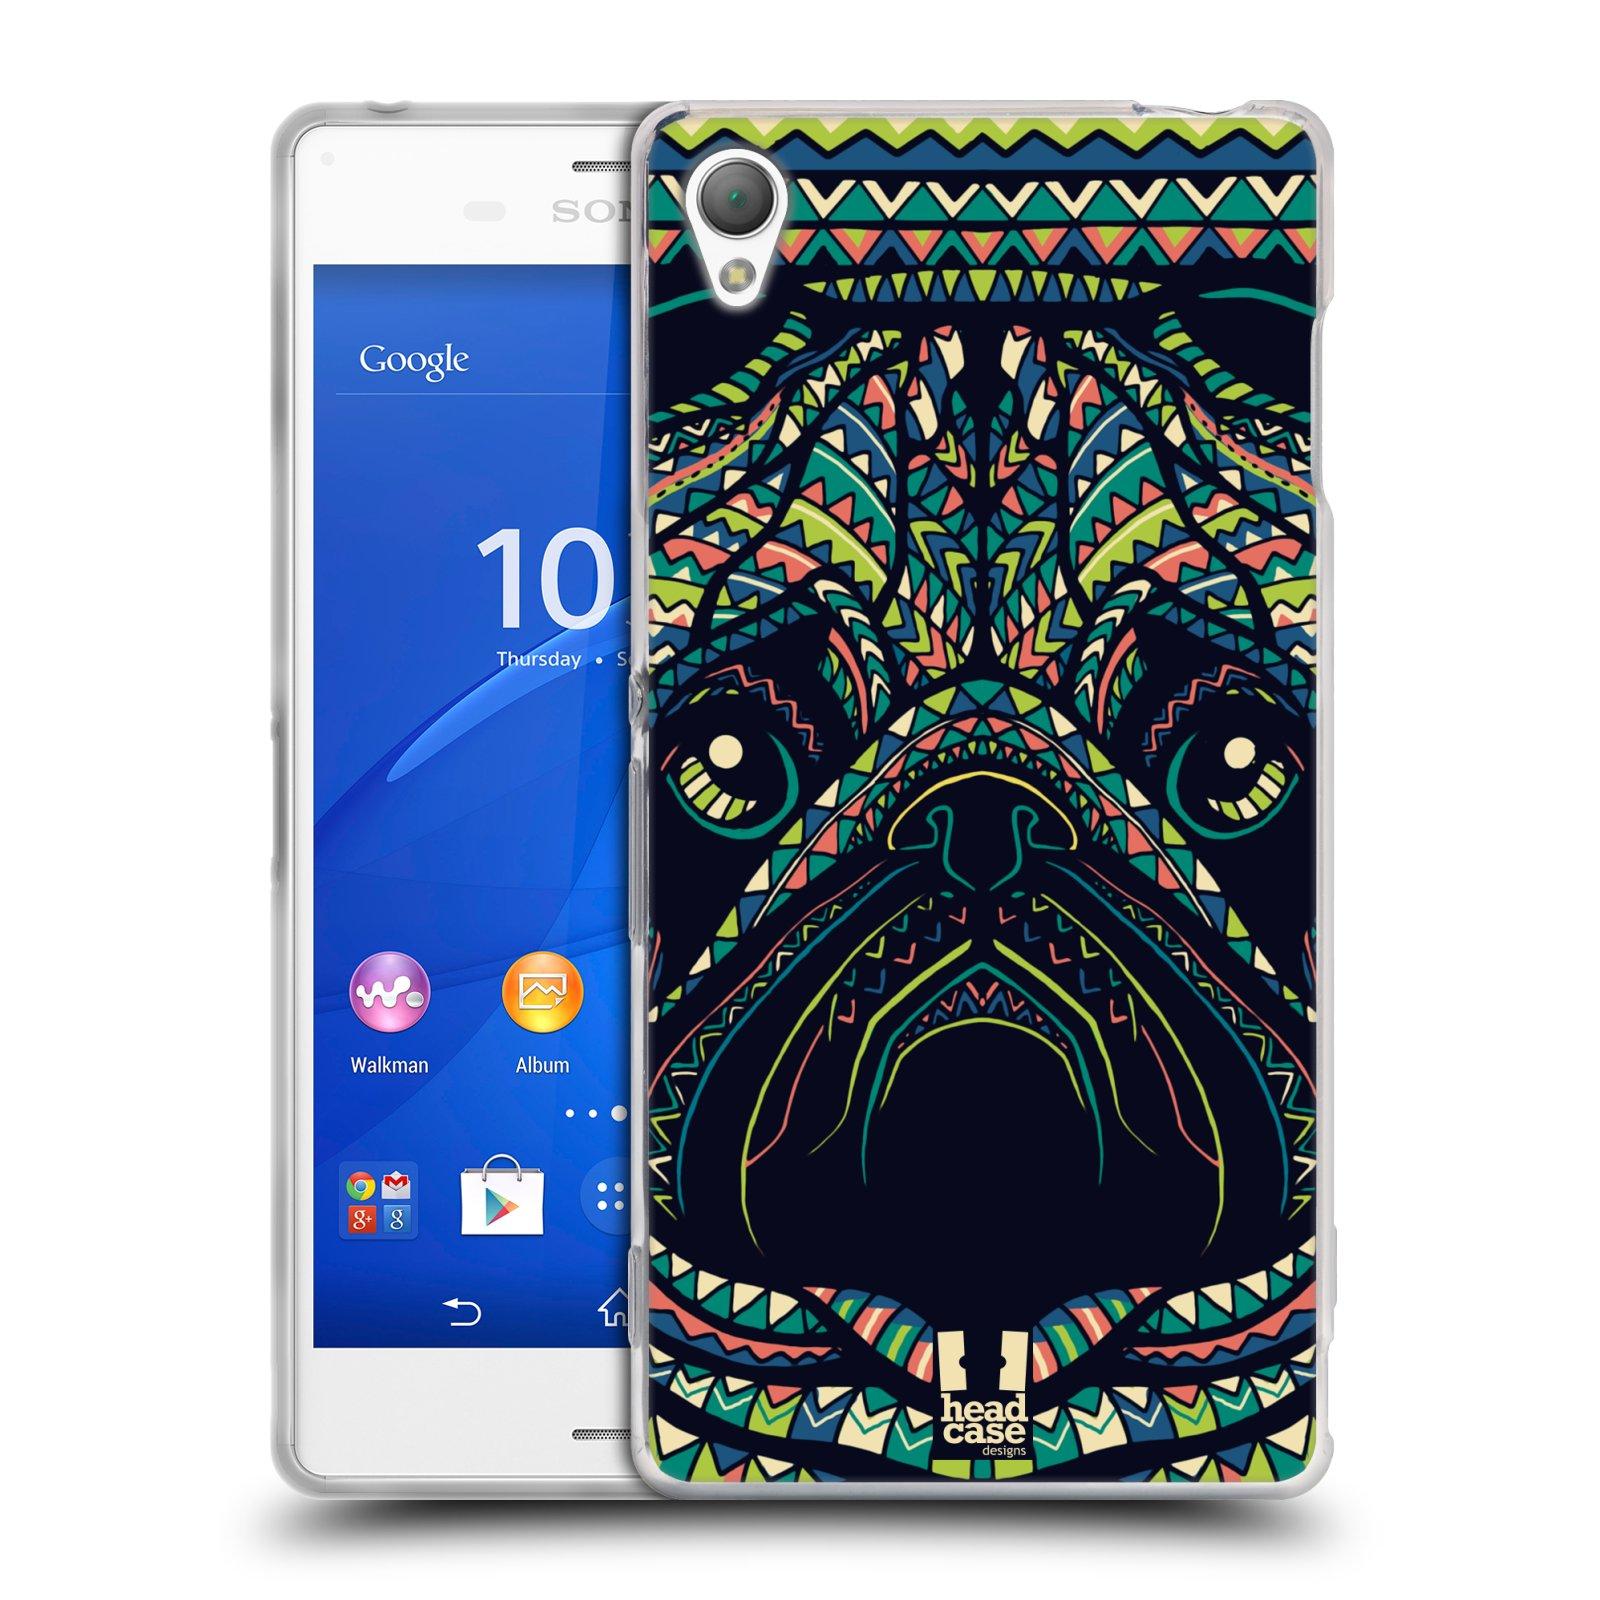 HEAD CASE silikonový obal na mobil Sony Xperia Z3 vzor Aztécký motiv zvíře 3 mopsík